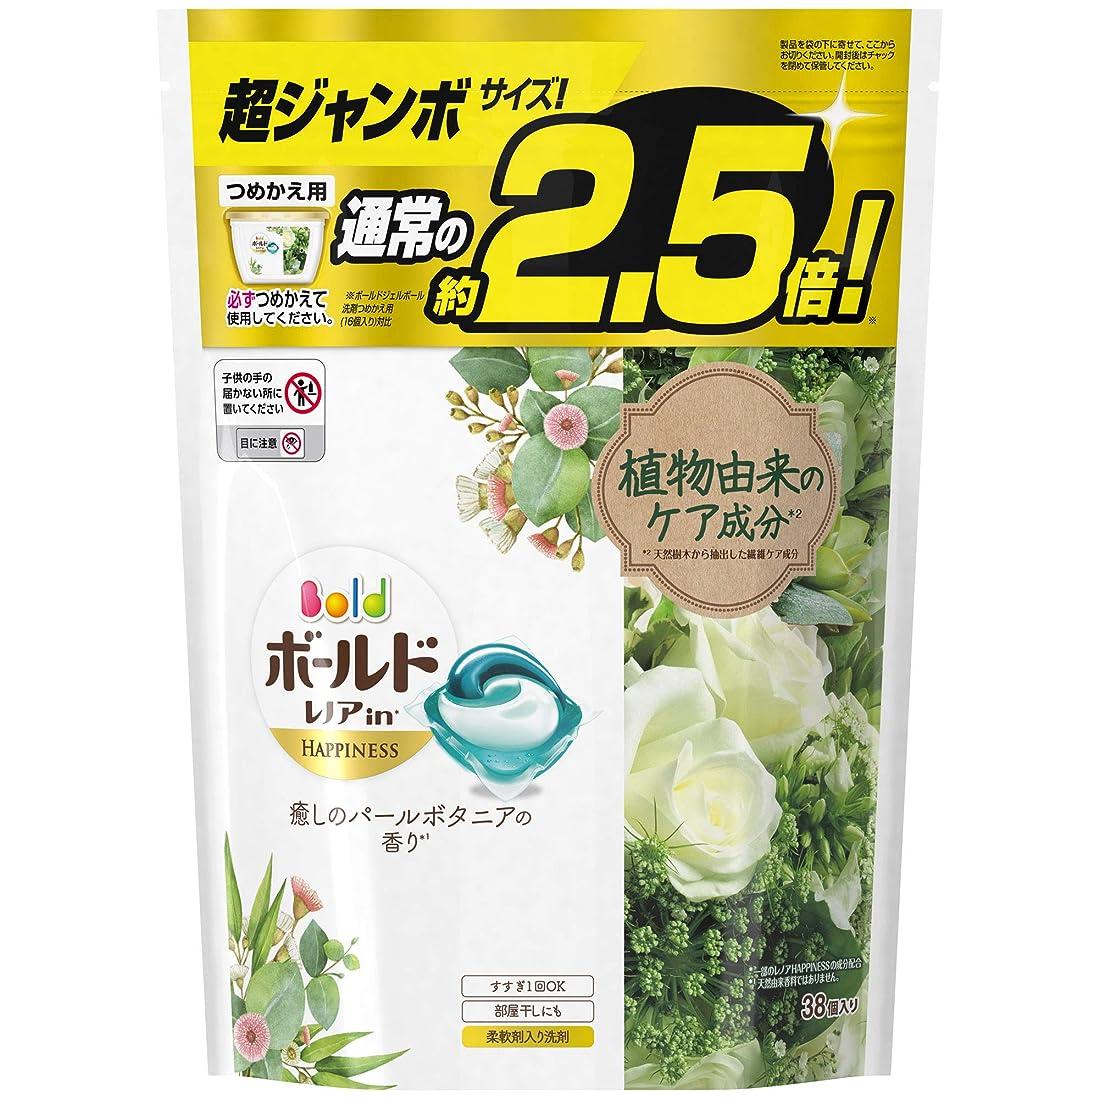 干ばつレンディションブル洗濯洗剤 ジェルボール3D 柔軟剤入り ボールド 癒しのパールボタニア 詰め替え 38個(約2.5倍)